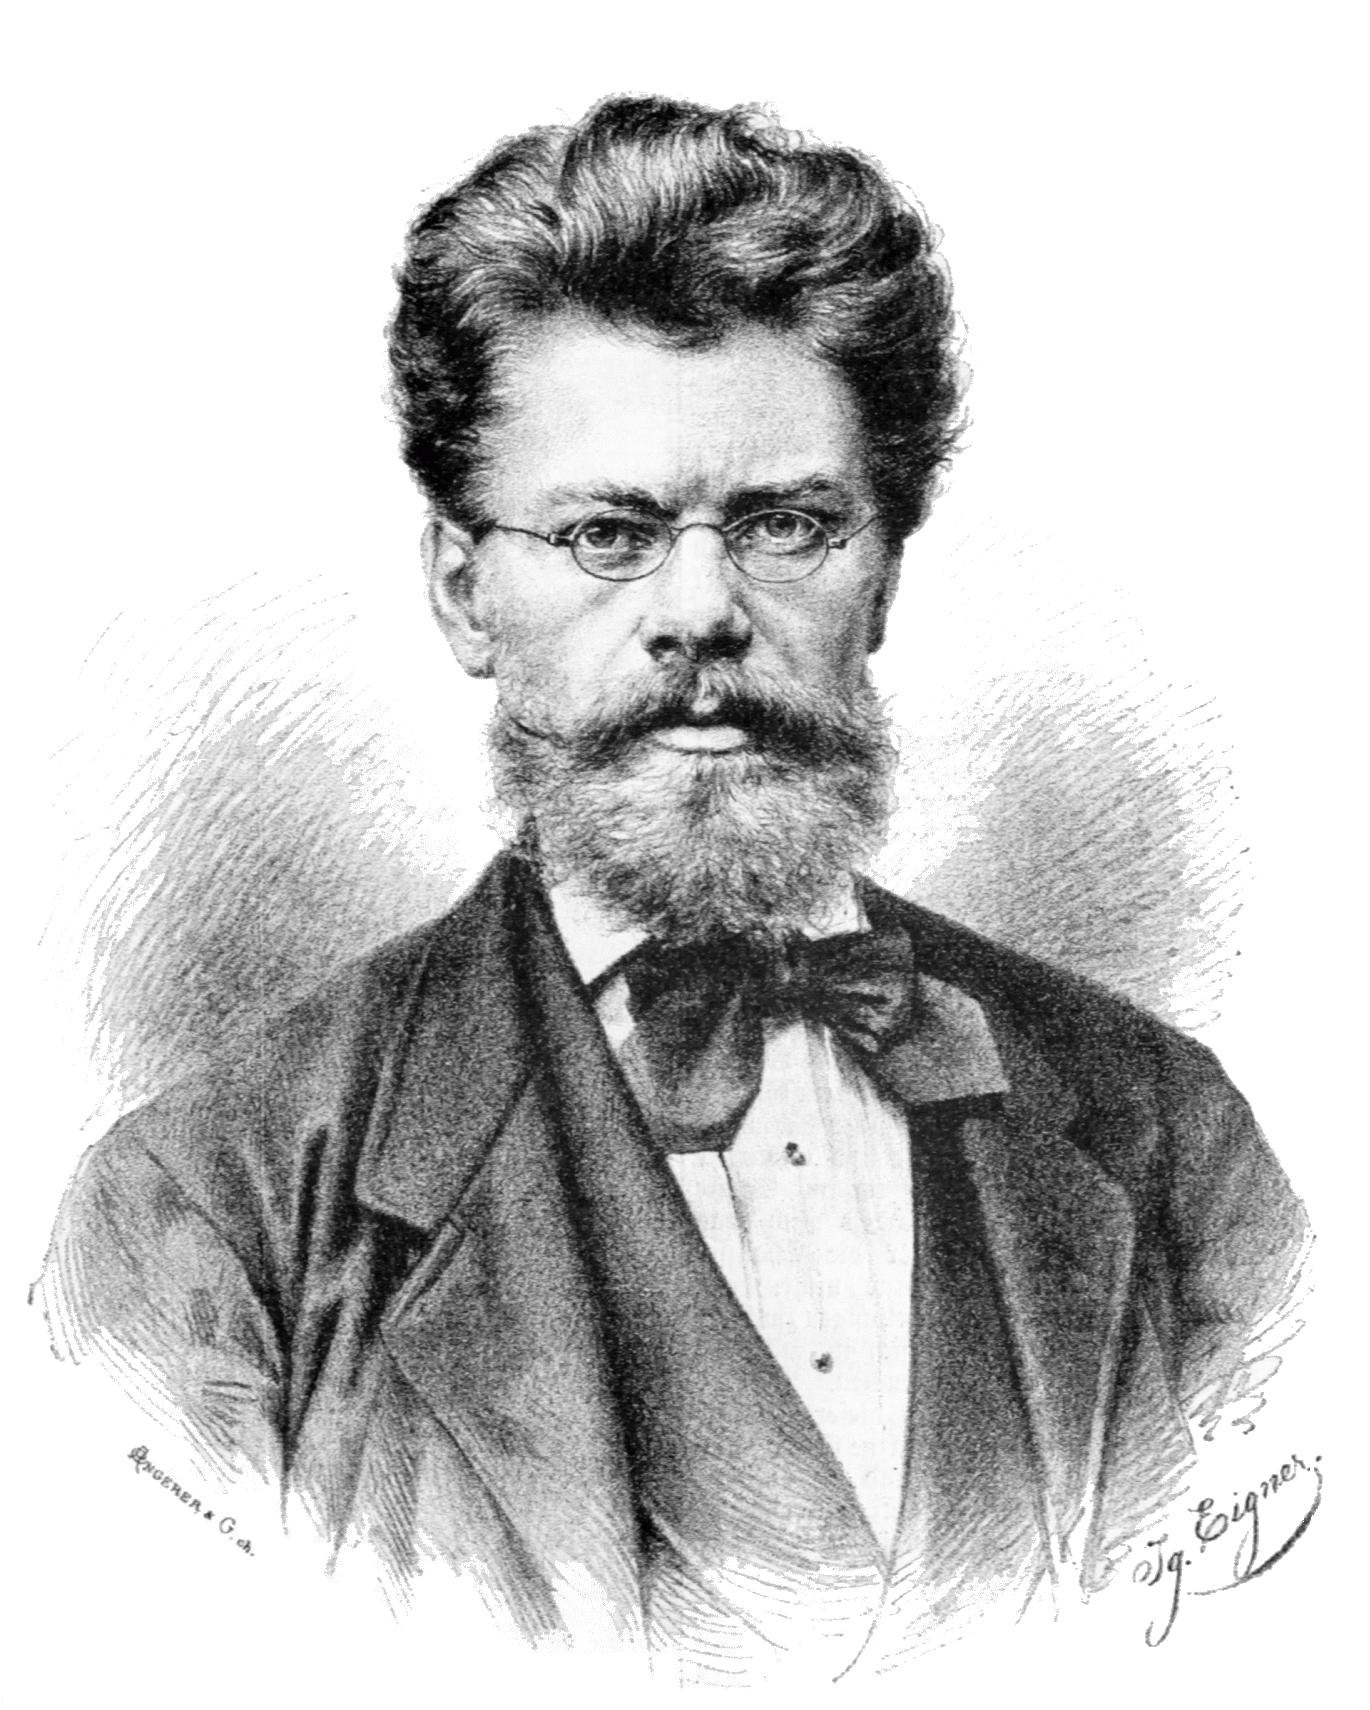 Image of Viktor Angerer from Wikidata